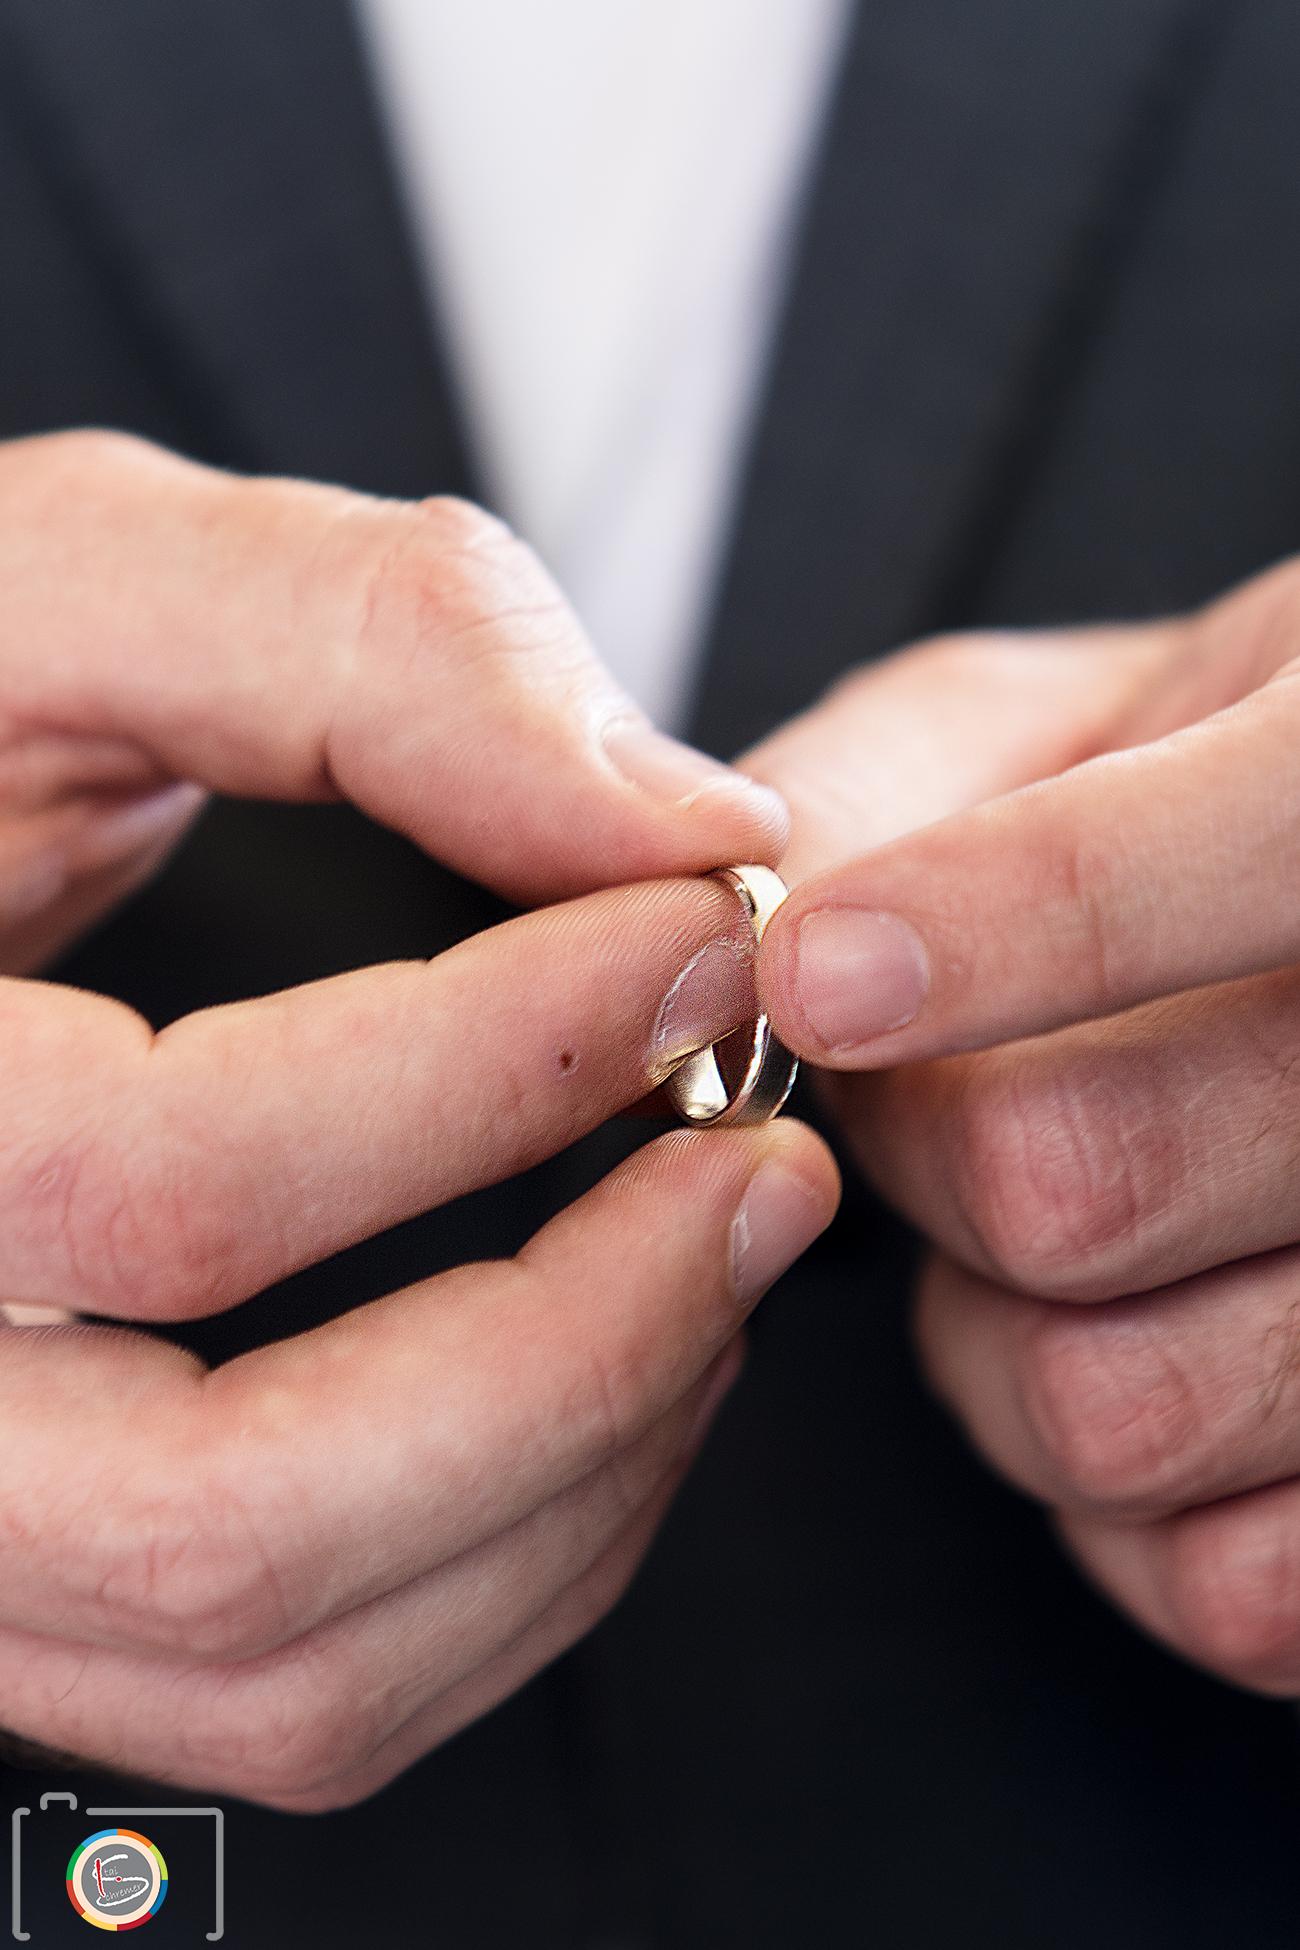 מקודשת בטבעת זו